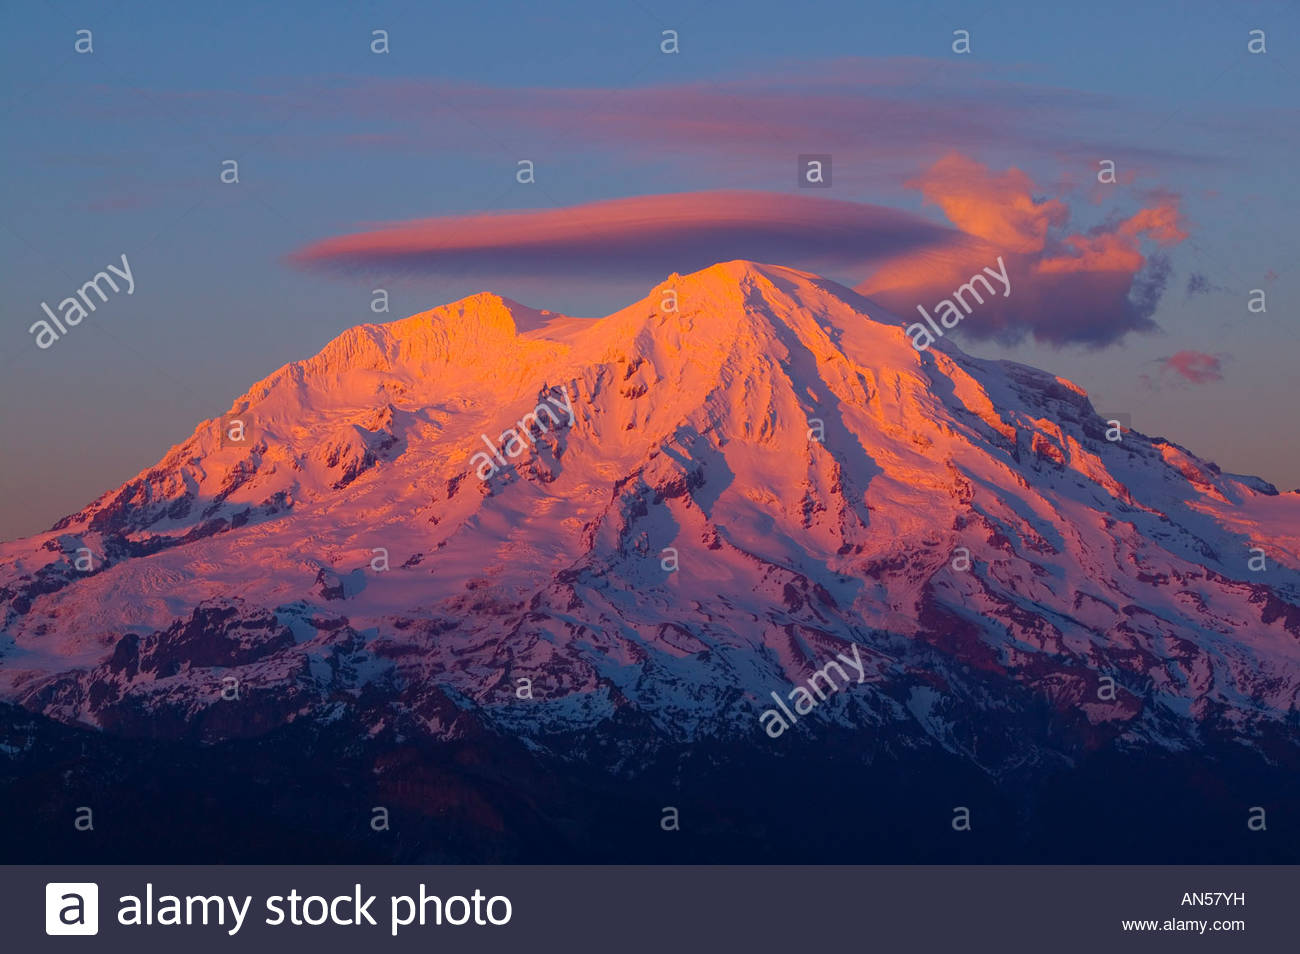 Das letzte Licht des Tages leuchtet im Winterschnee packen auf dem Mount Rainier in dieser Ansicht von hohen Felsen. Stockbild